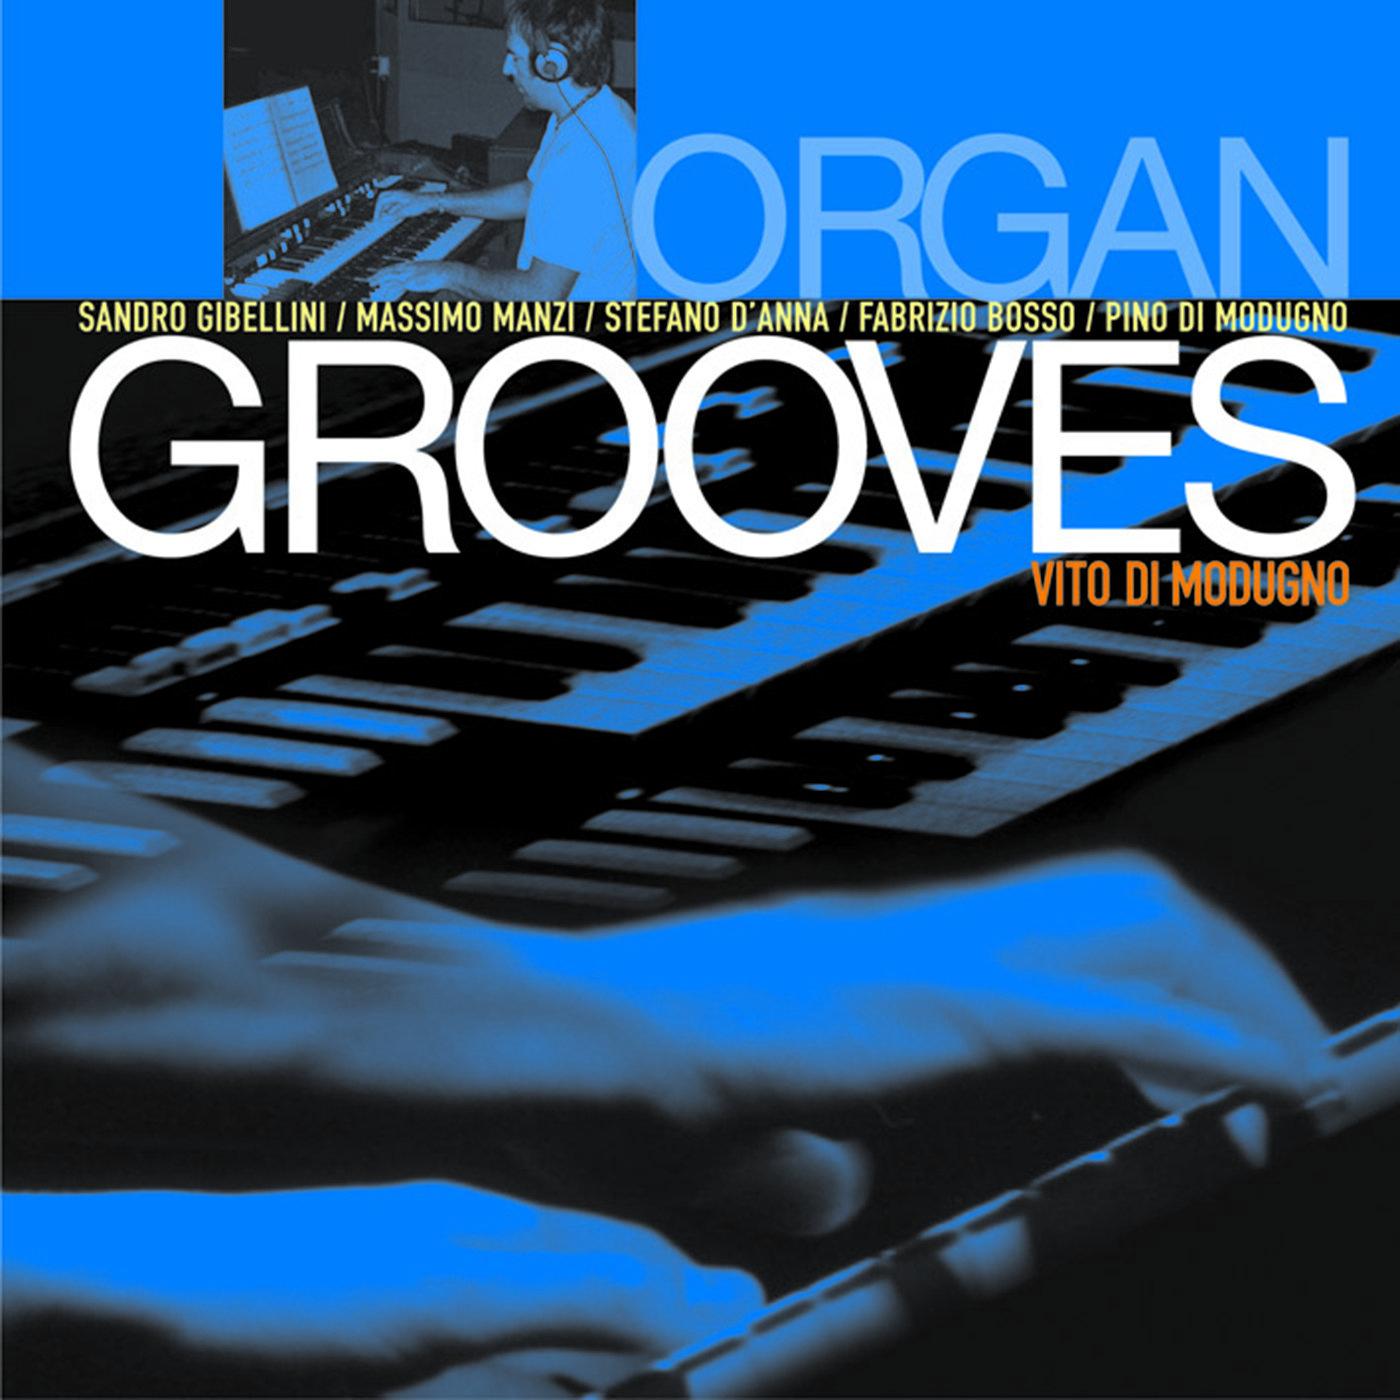 Organ Grooves - Vito Di Modugno